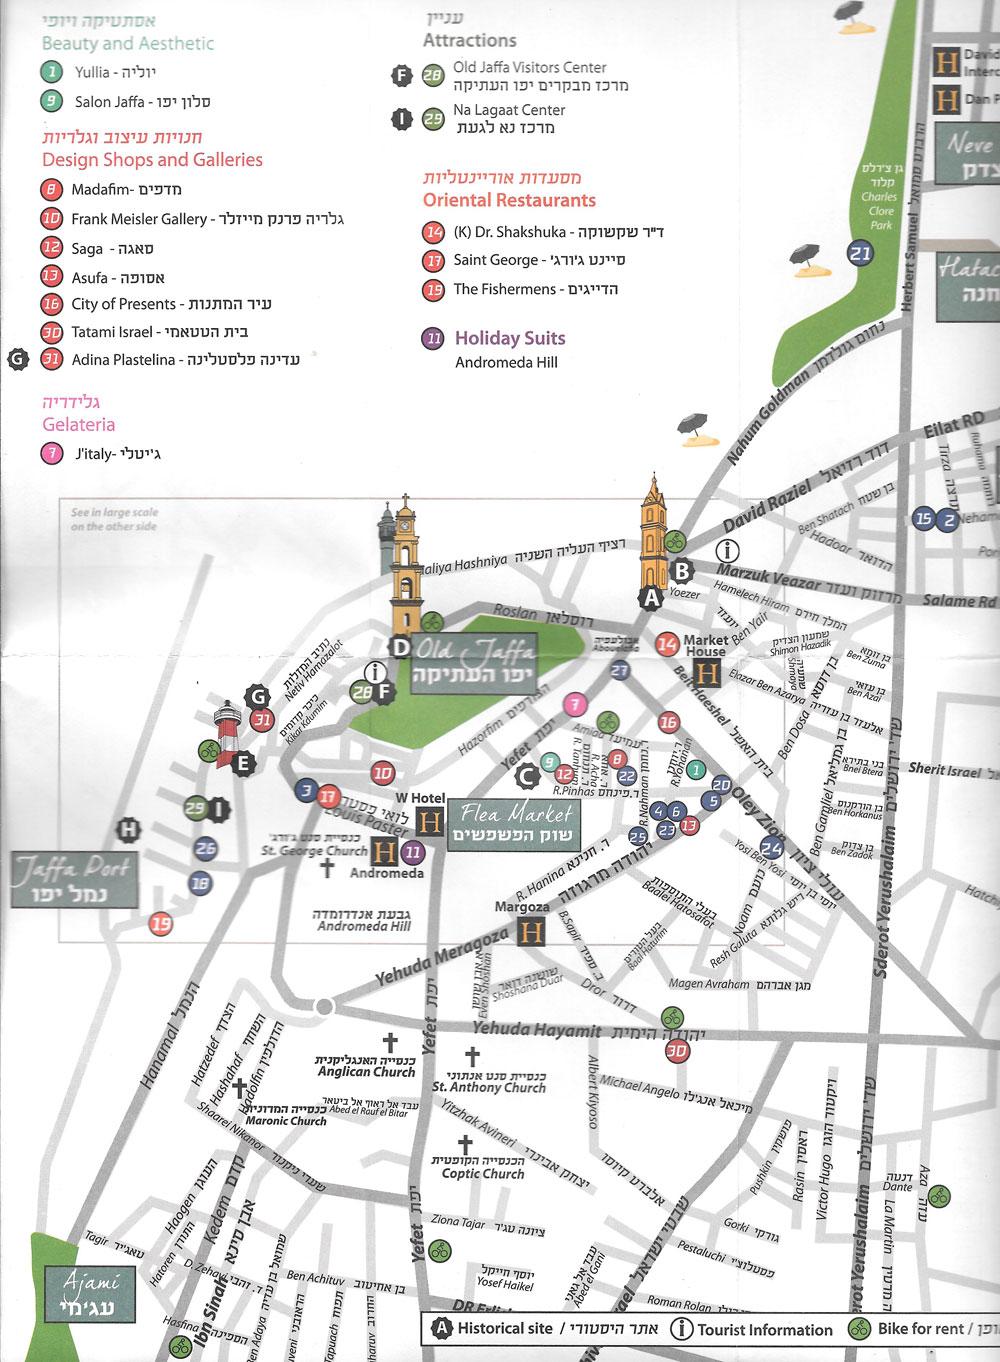 The municipal tourist center's map of Jaffa